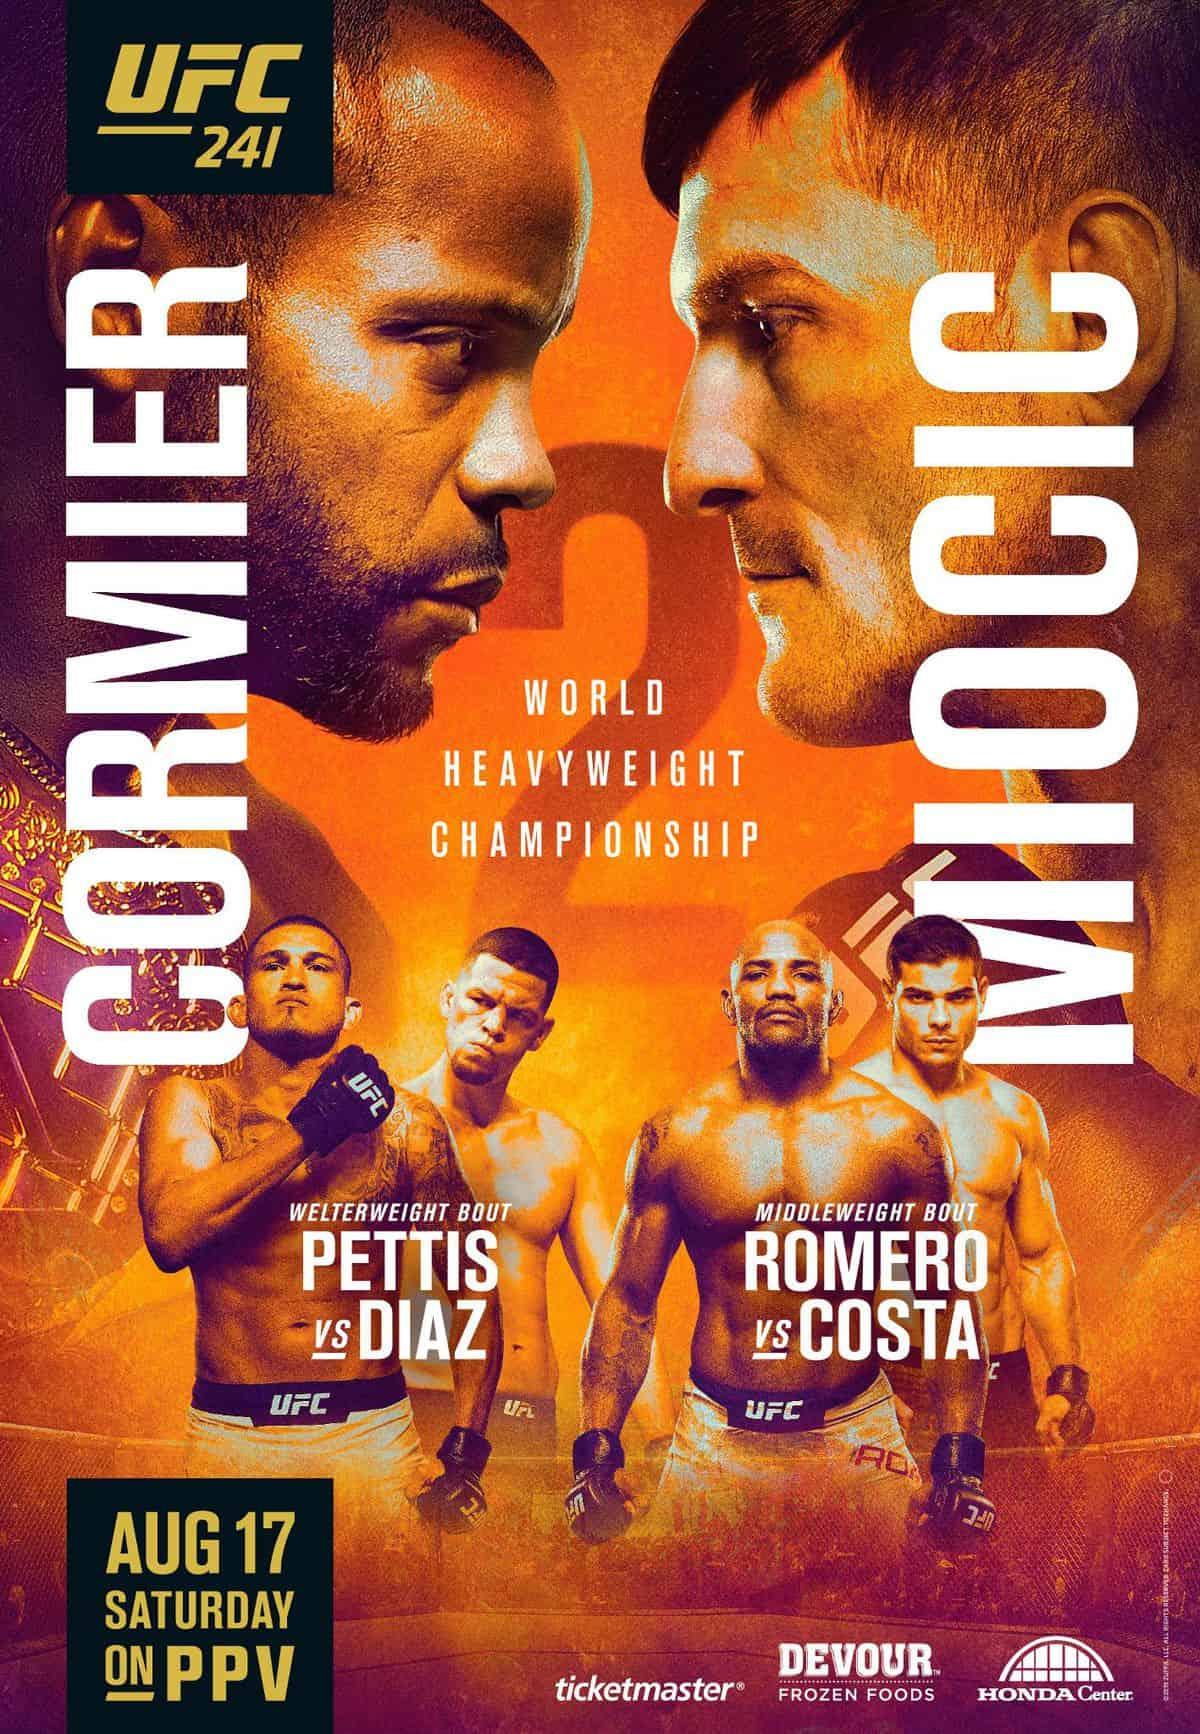 Risultati UFC 241: Cormier vs. Miocic 2 5